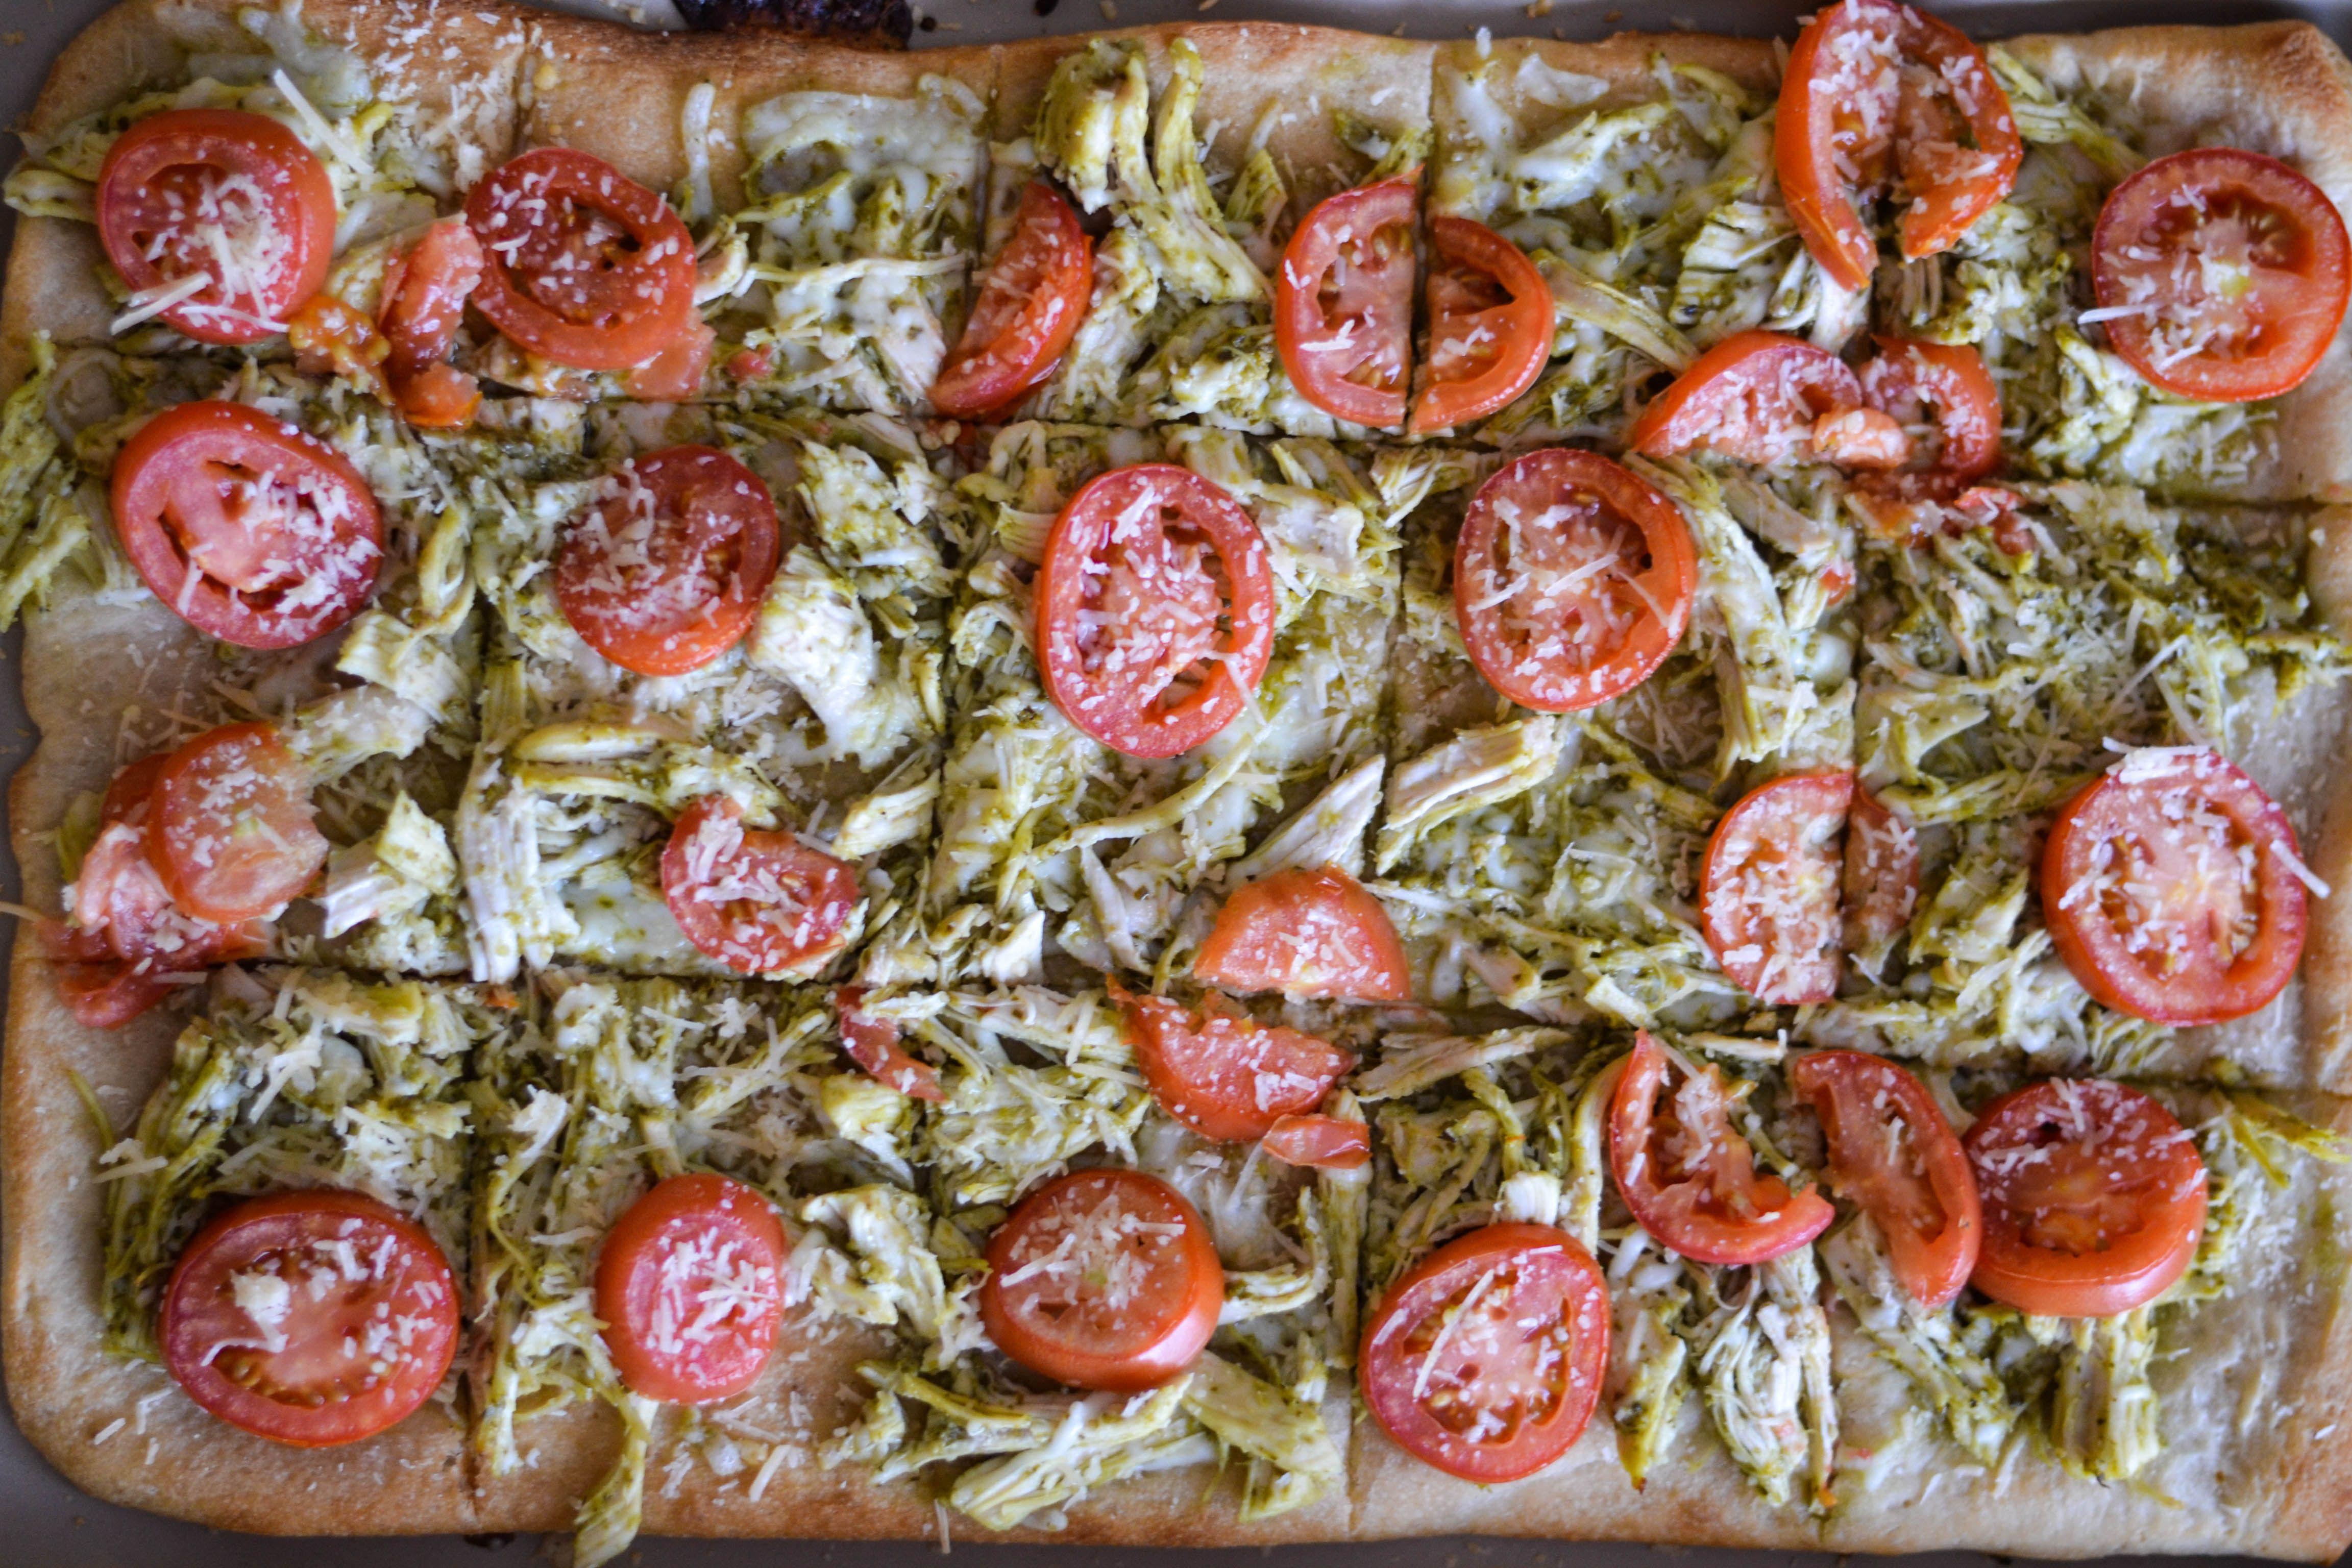 Chicken, Pesto and Tomato Flatbread